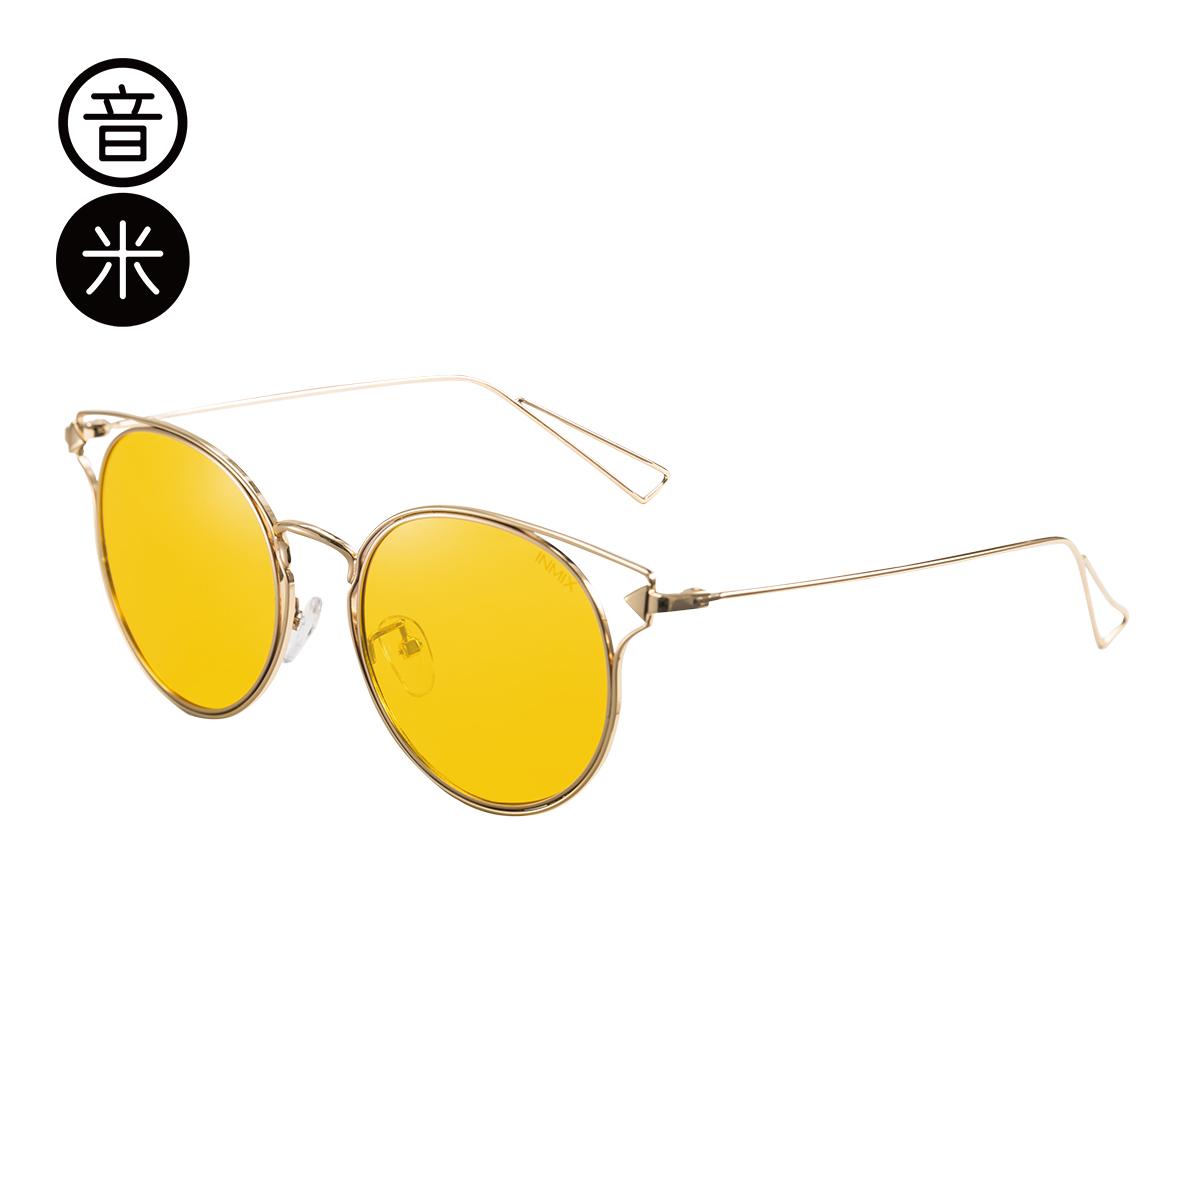 音米墨镜女偏光太阳镜女圆脸驾驶镜配近视明星墨镜inmix太阳眼镜